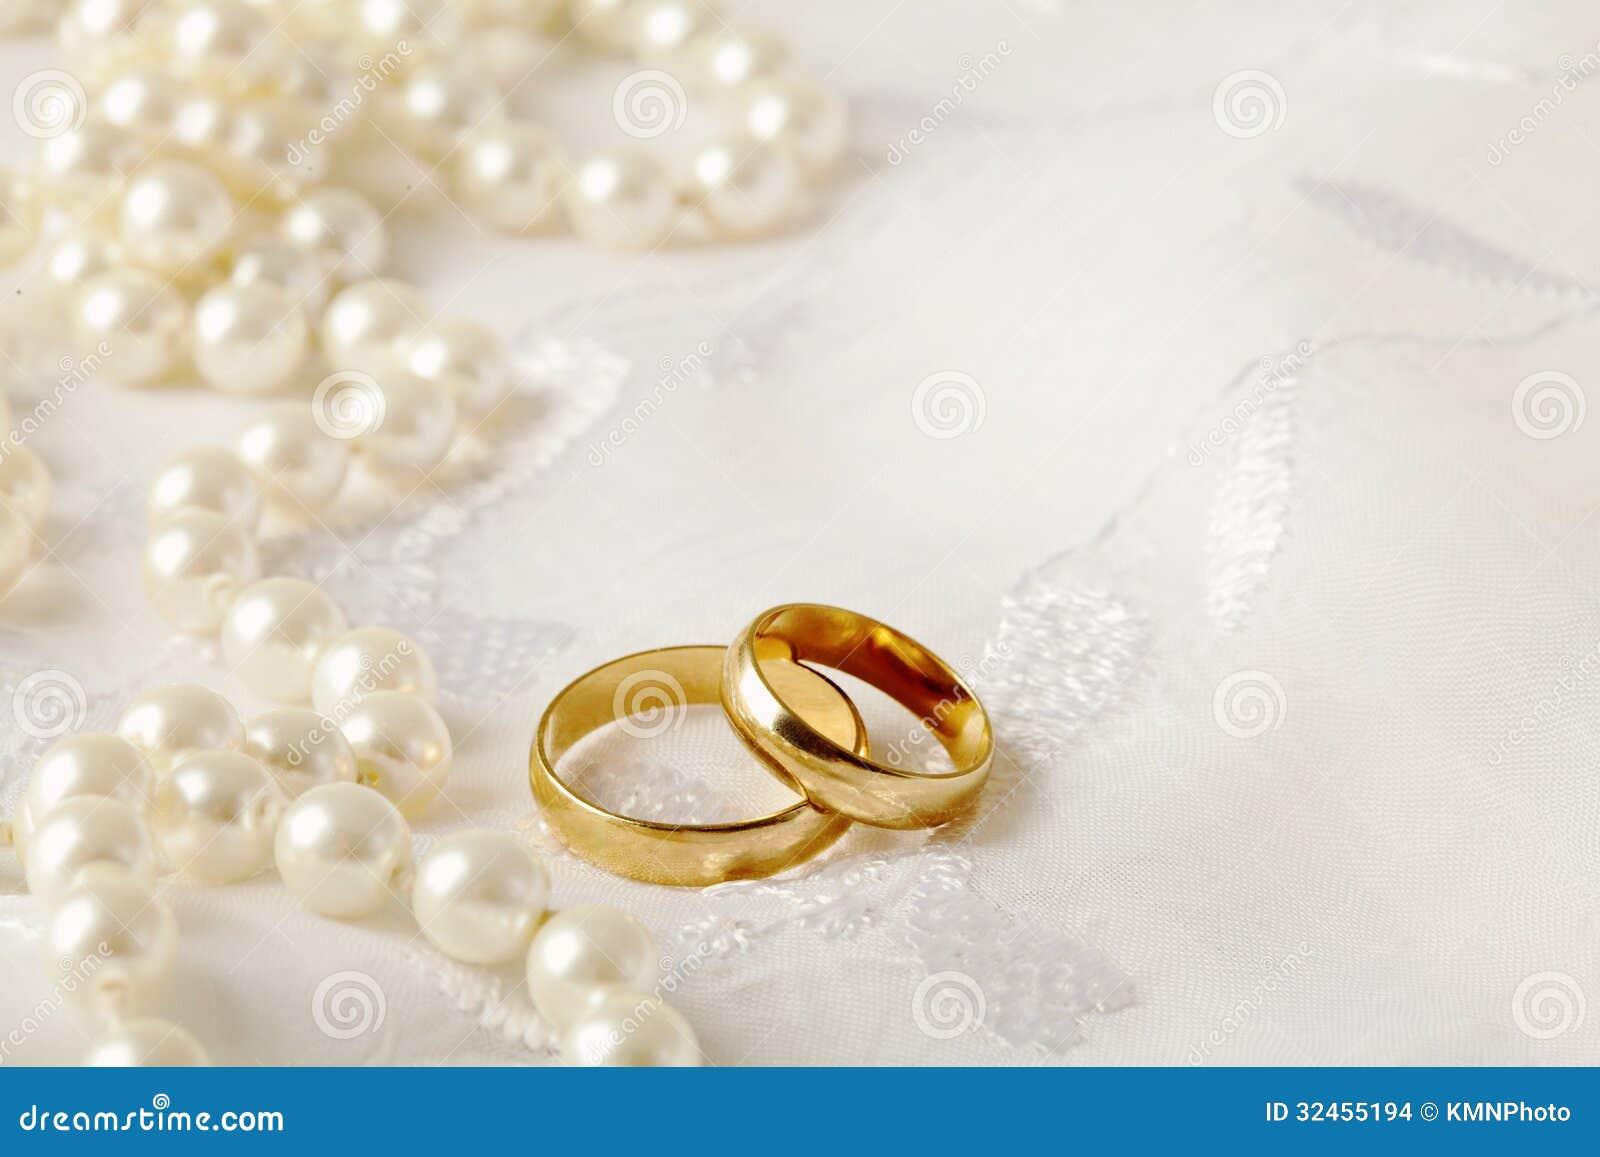 Fond de mariage avec deux anneaux de mariage dor.